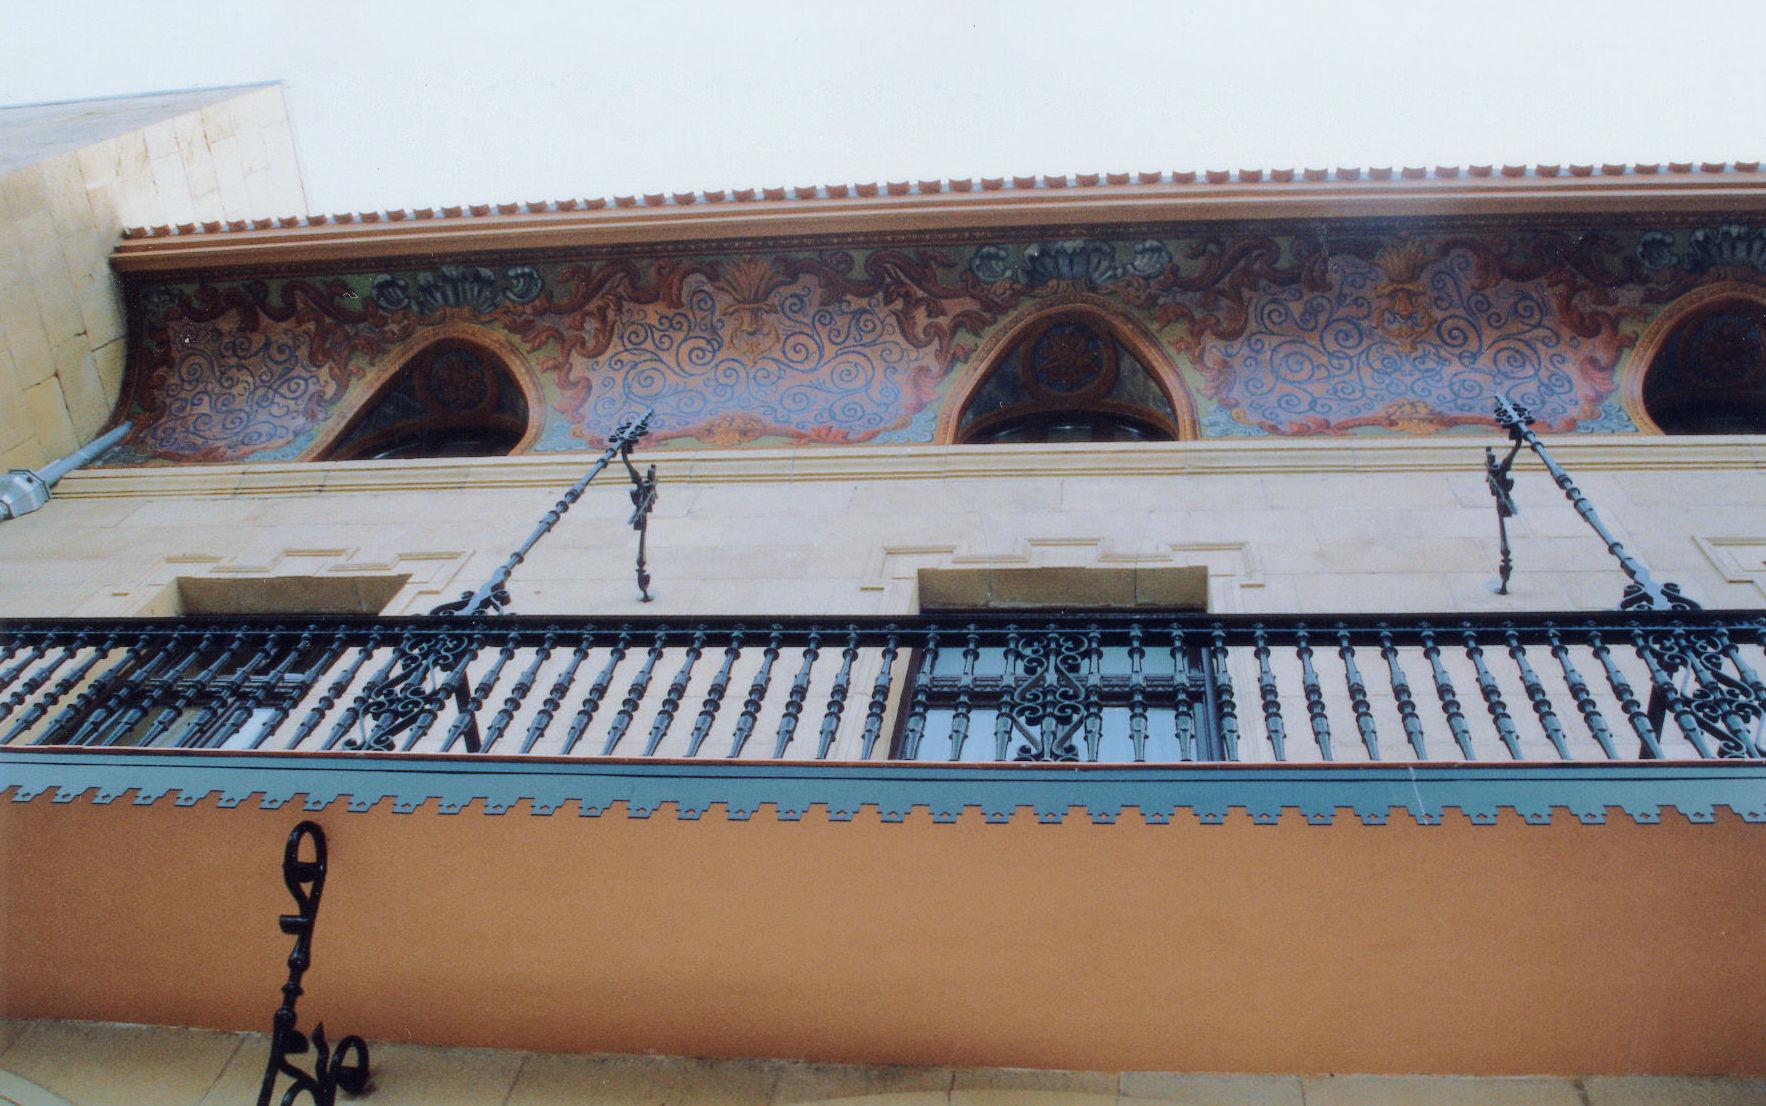 Ayuntamiento de Getxo Getxoko Udala